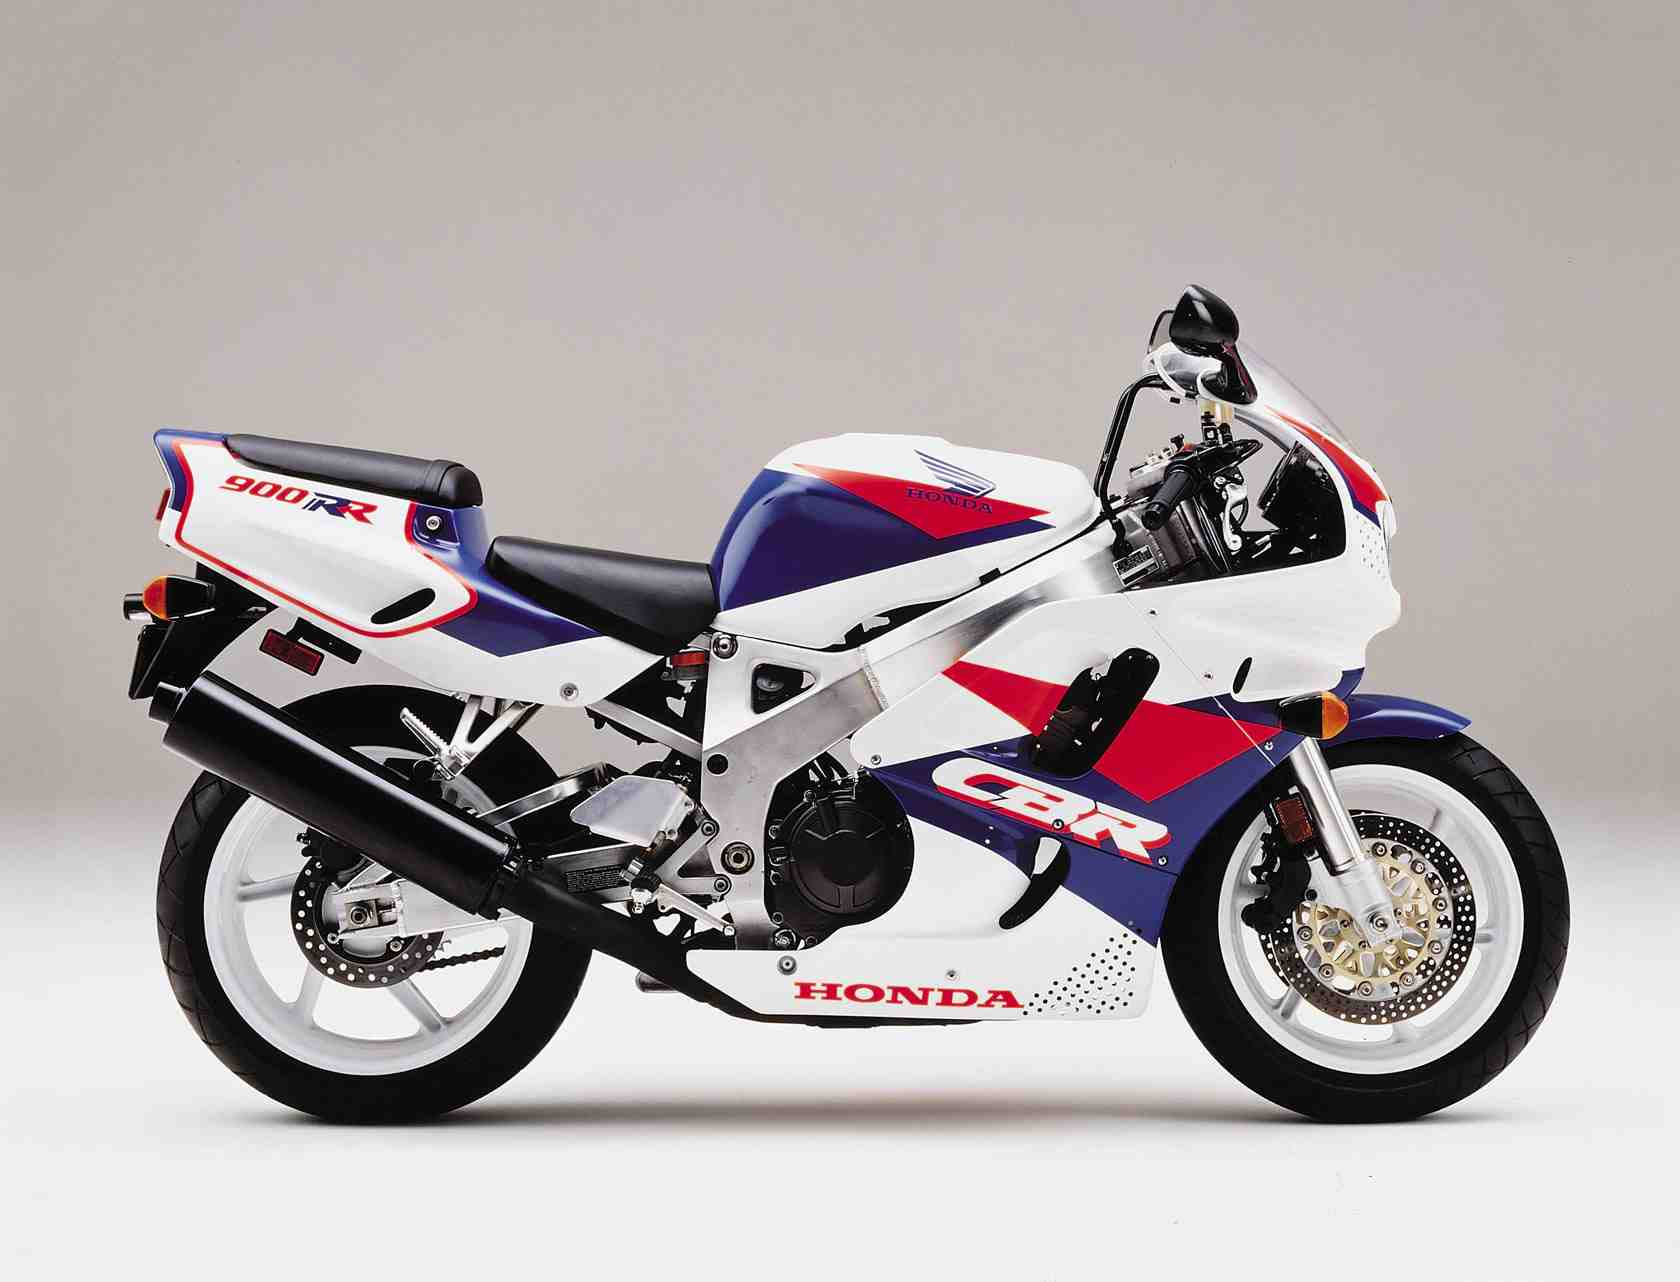 Honda Cbr900rr  Cbr900rr